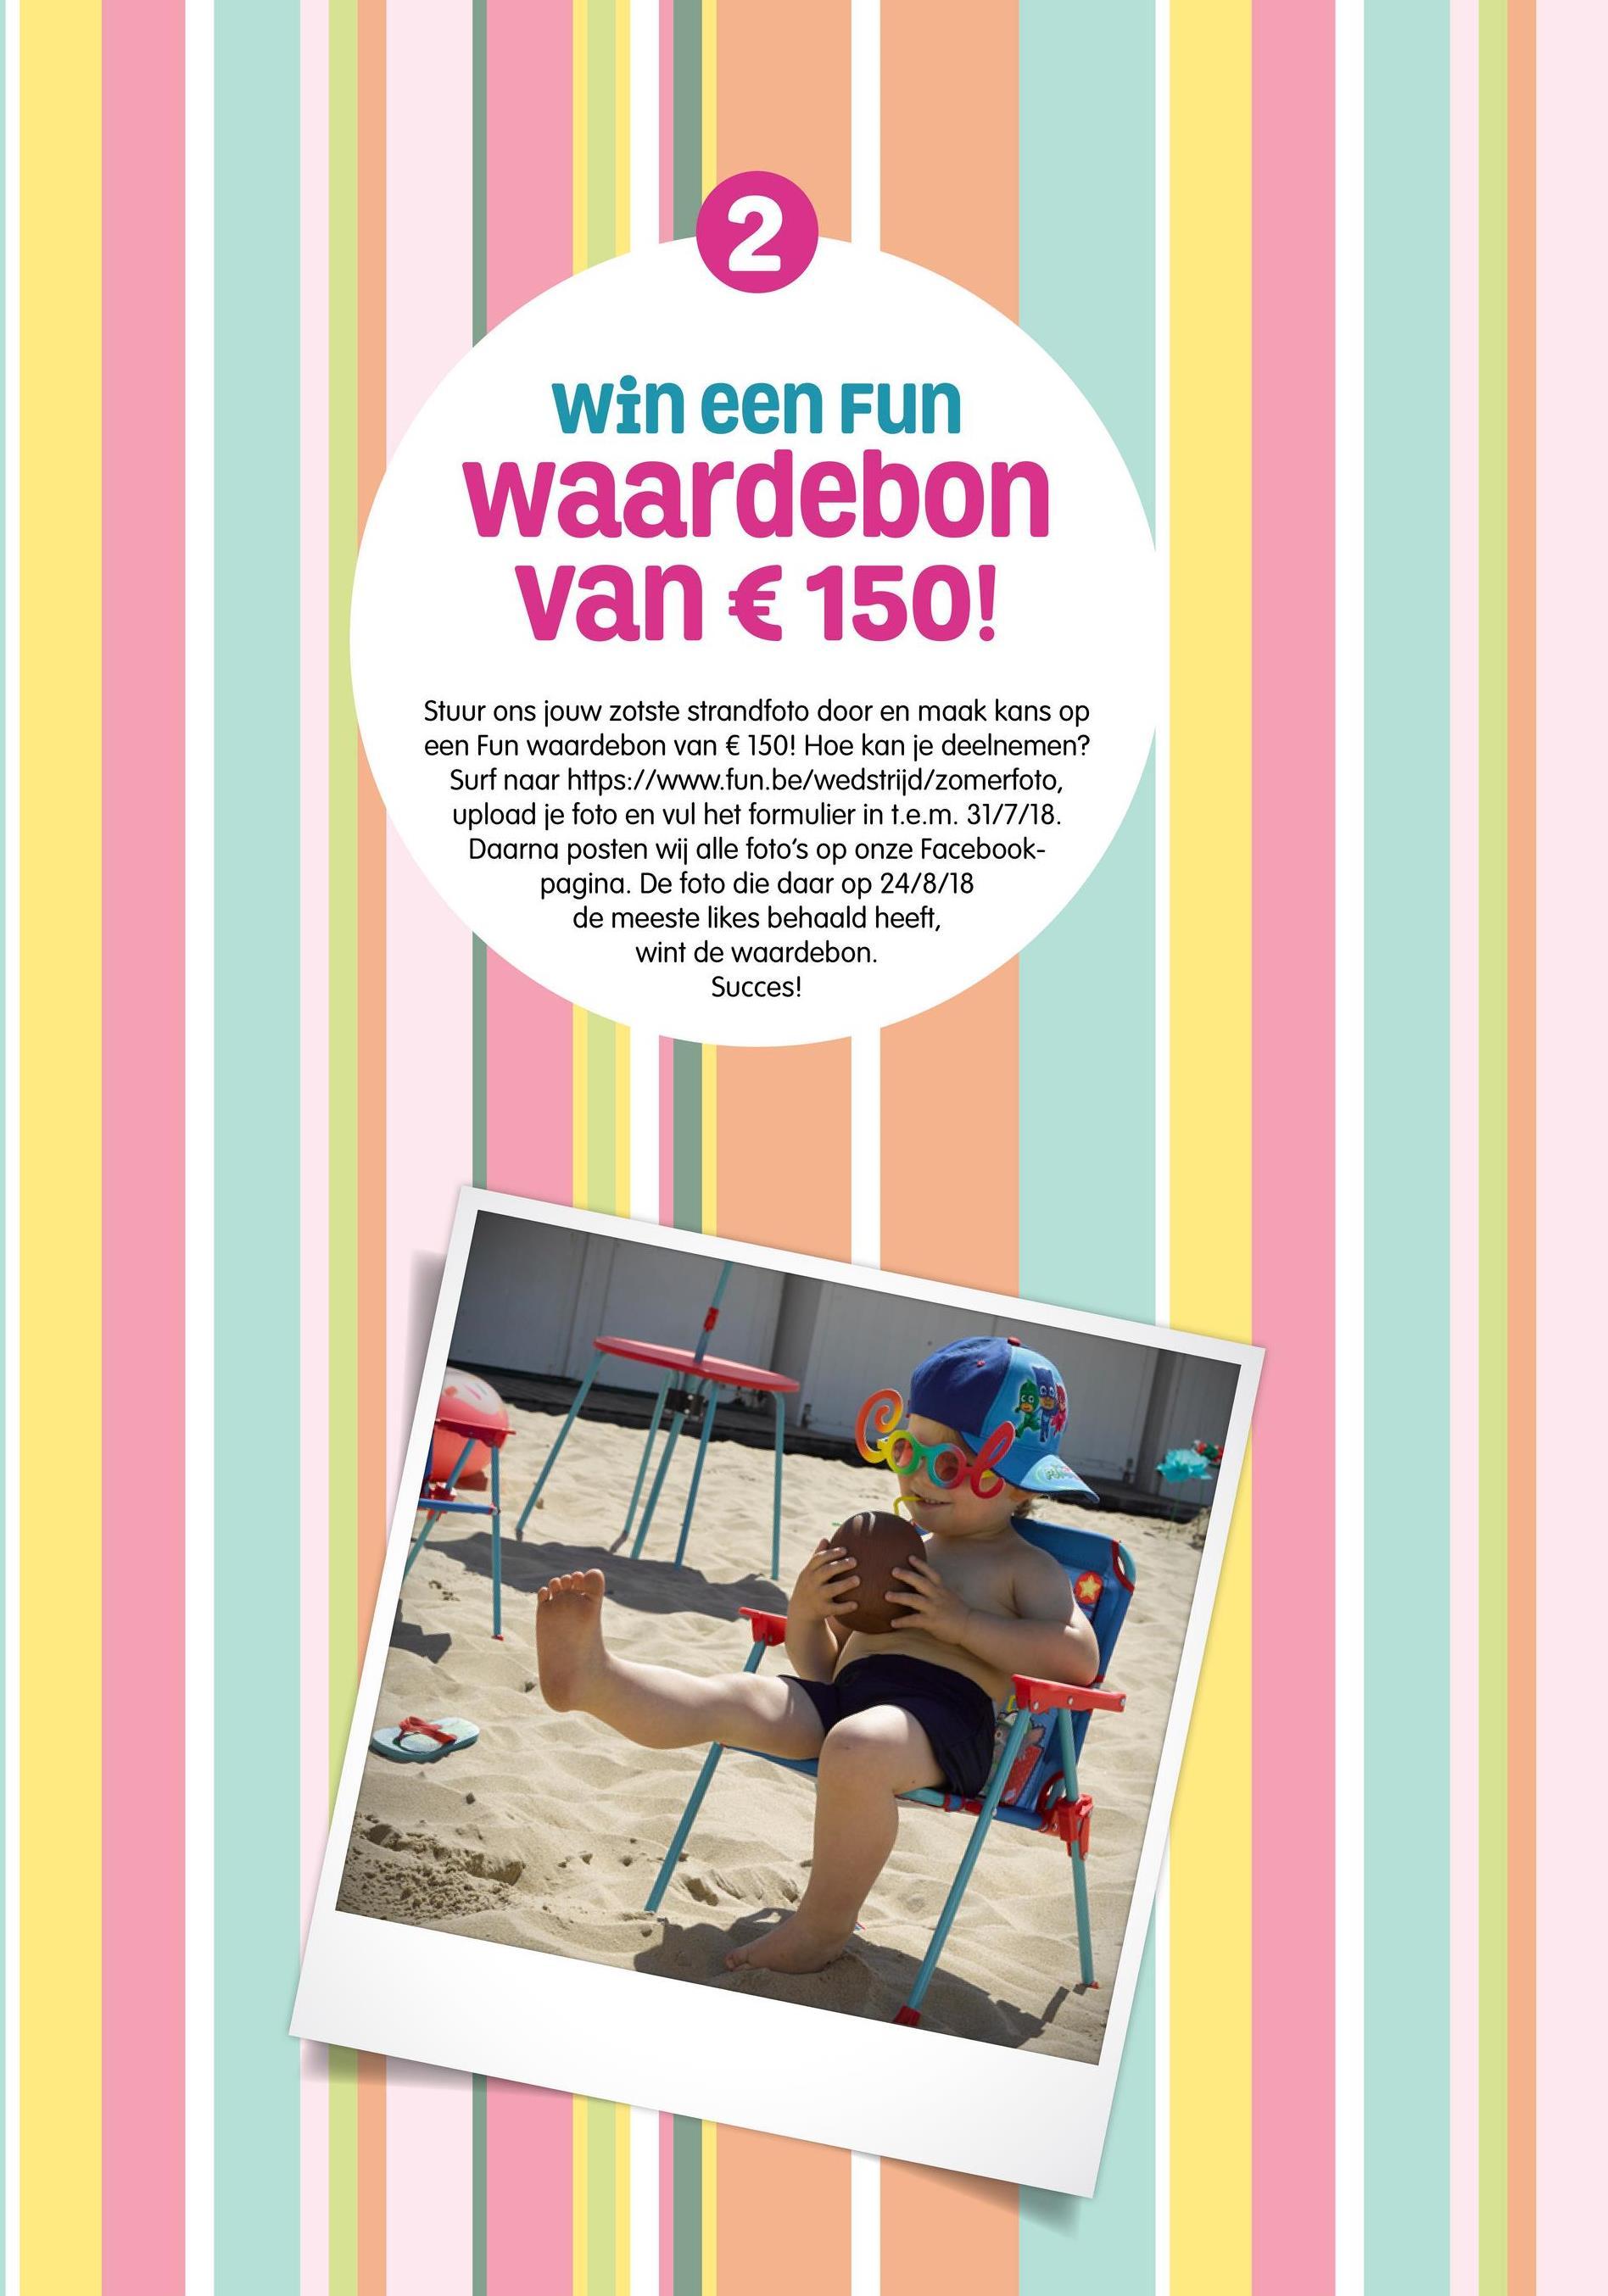 Win een Fun Waardebon van € 150! Stuur ons jouw zotste strandfoto door en maak kans op een Fun waardebon van € 150! Hoe kan je deelnemen? Surf naar https://www.fun.be/wedstrijd/zomerfoto, upload je foto en vul het formulier in t.e.m. 31/7/18. Daarna posten wij alle foto's op onze Facebook- pagina. De foto die daar op 24/8/18 de meeste likes behaald heeft, wint de waardebon. Succes!